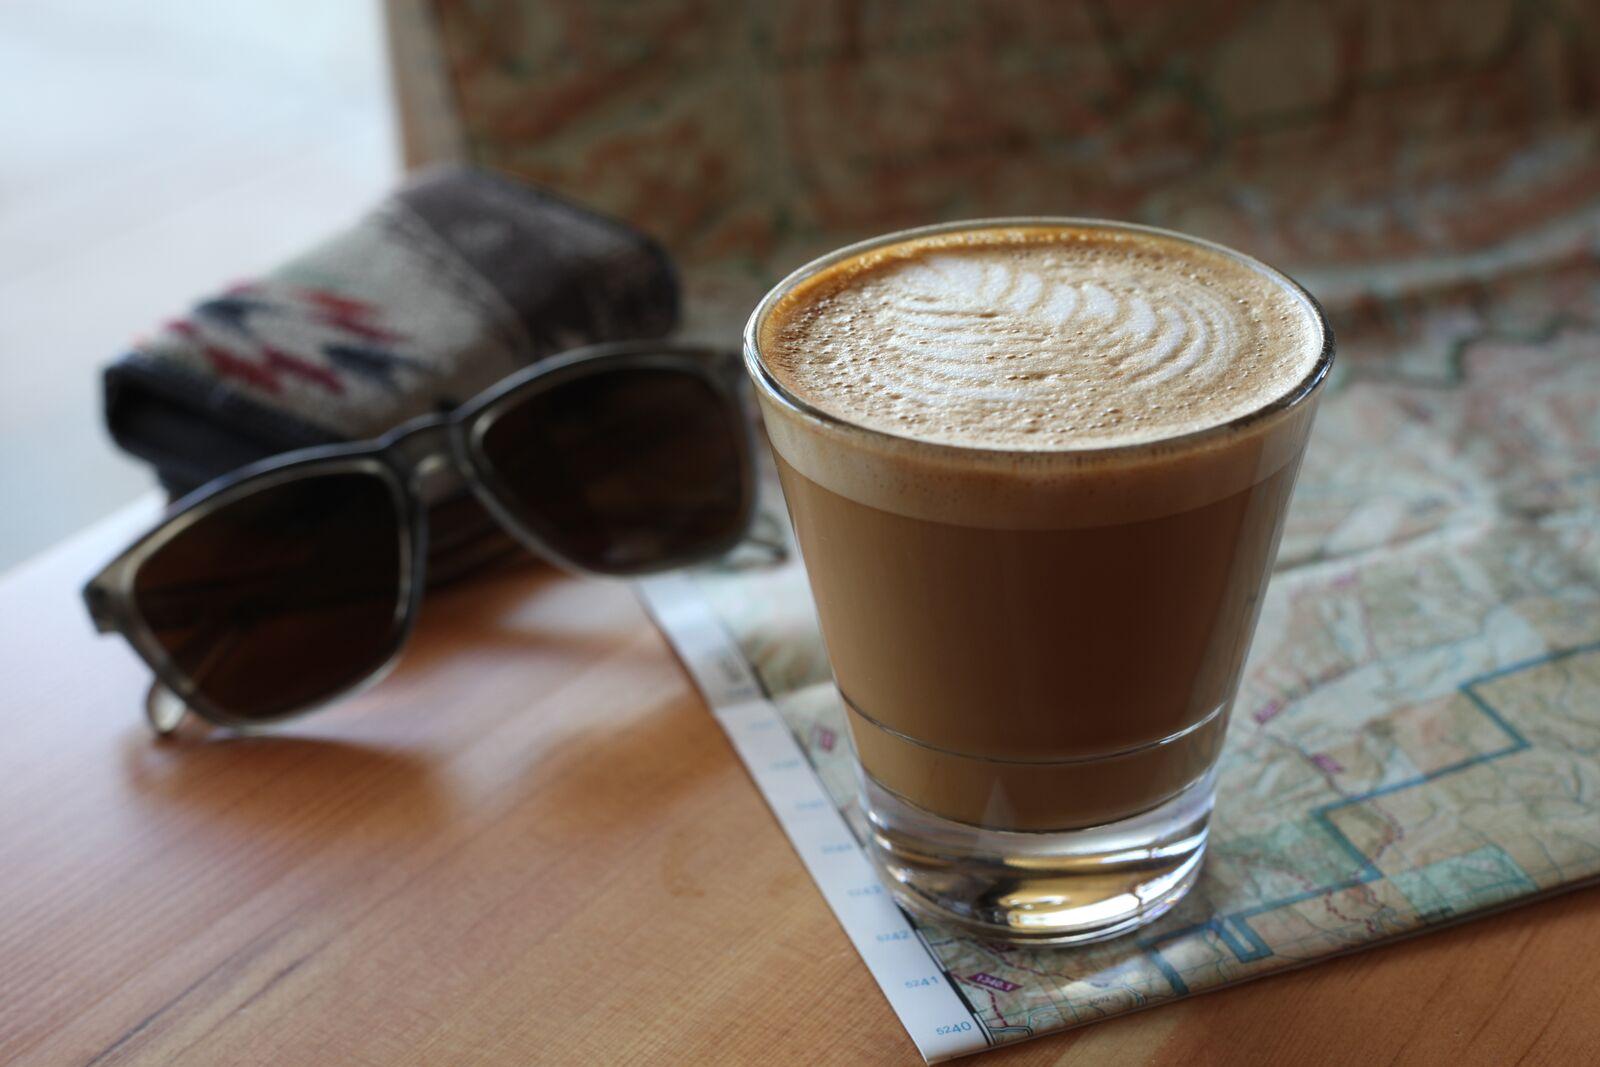 FRESH COFFEE + PASTRIES